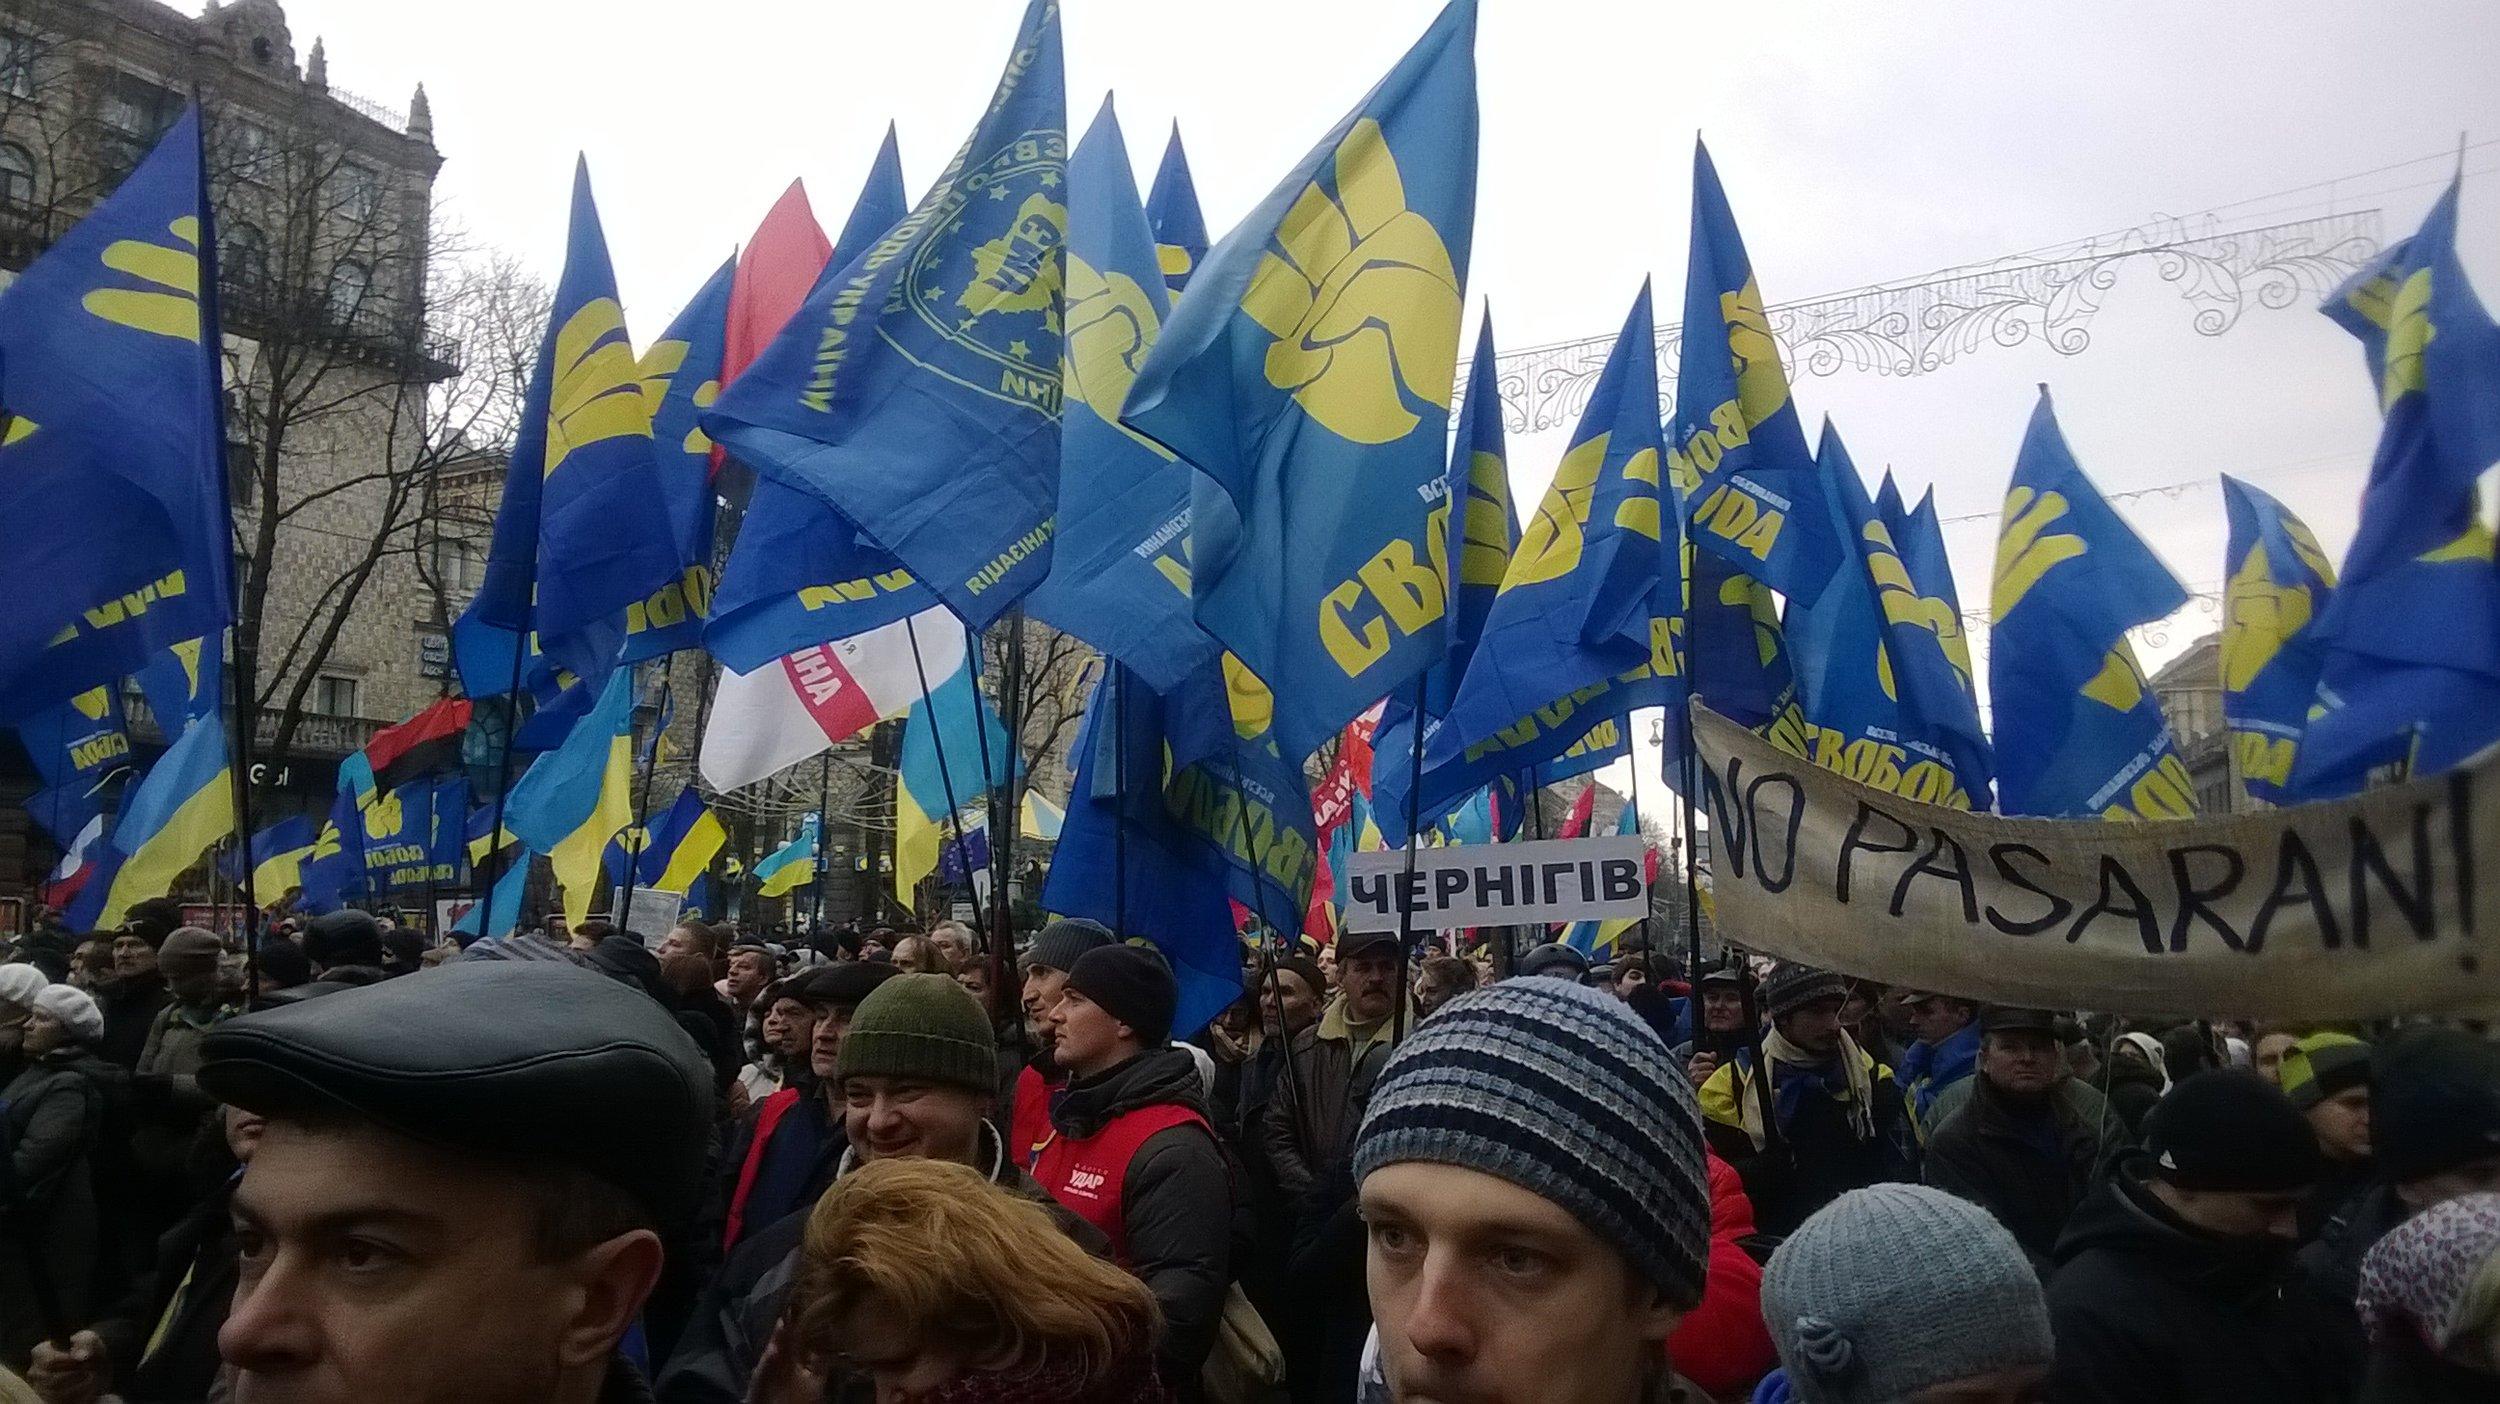 Pro-EU protests in Kyiv, 1 December 2013 (Yuriy V. Dzyadyk/Wikimedia)